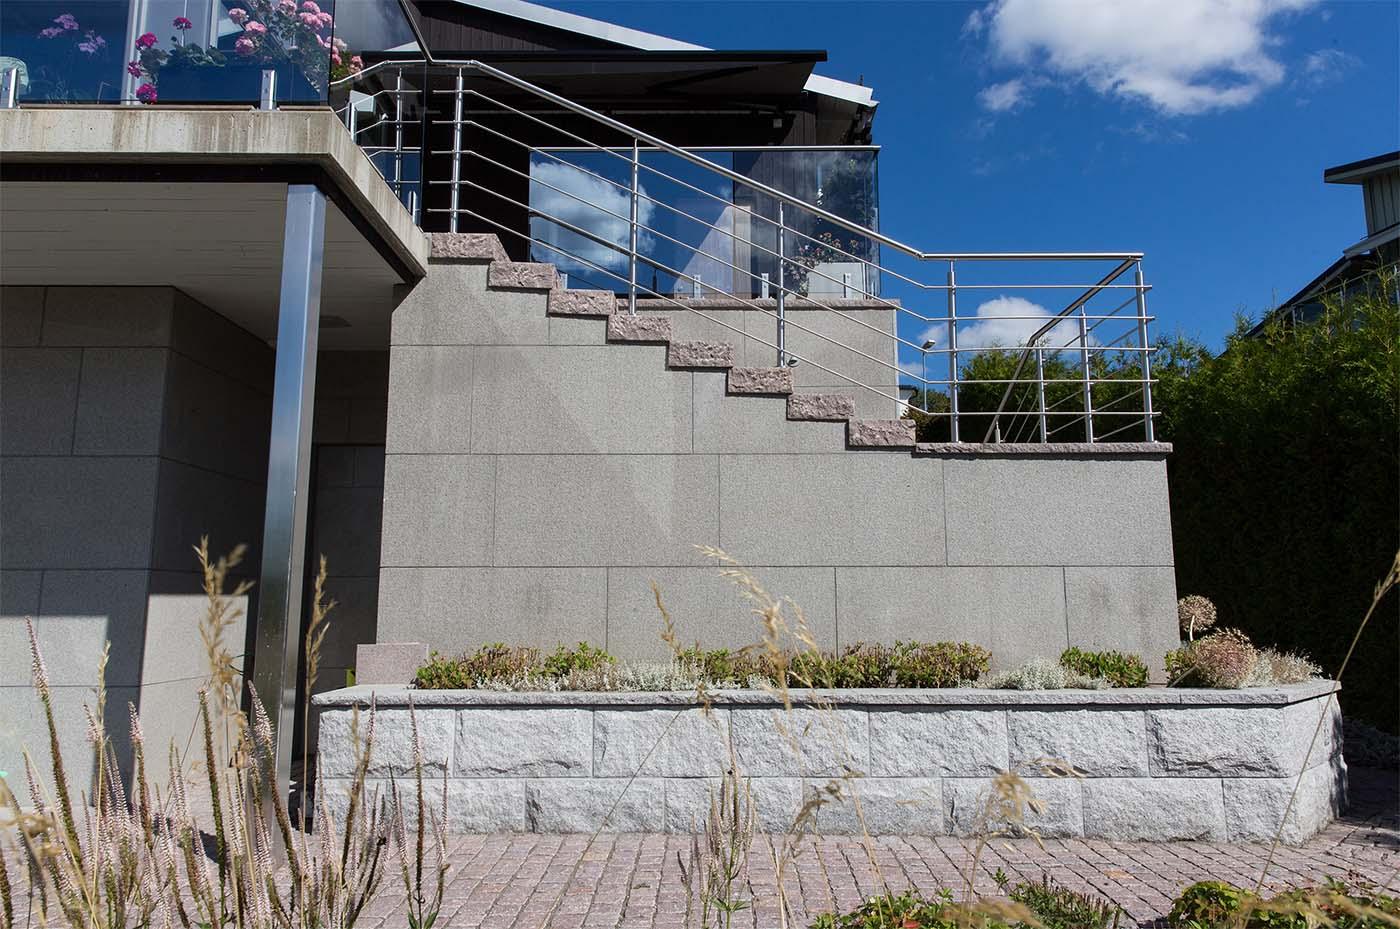 Vårt stenföretag sysslar även med trädgårdsanläggning i Stockholm där vi hjälper till med olika stenuppdrag som här en stenfasad med stentrappa.